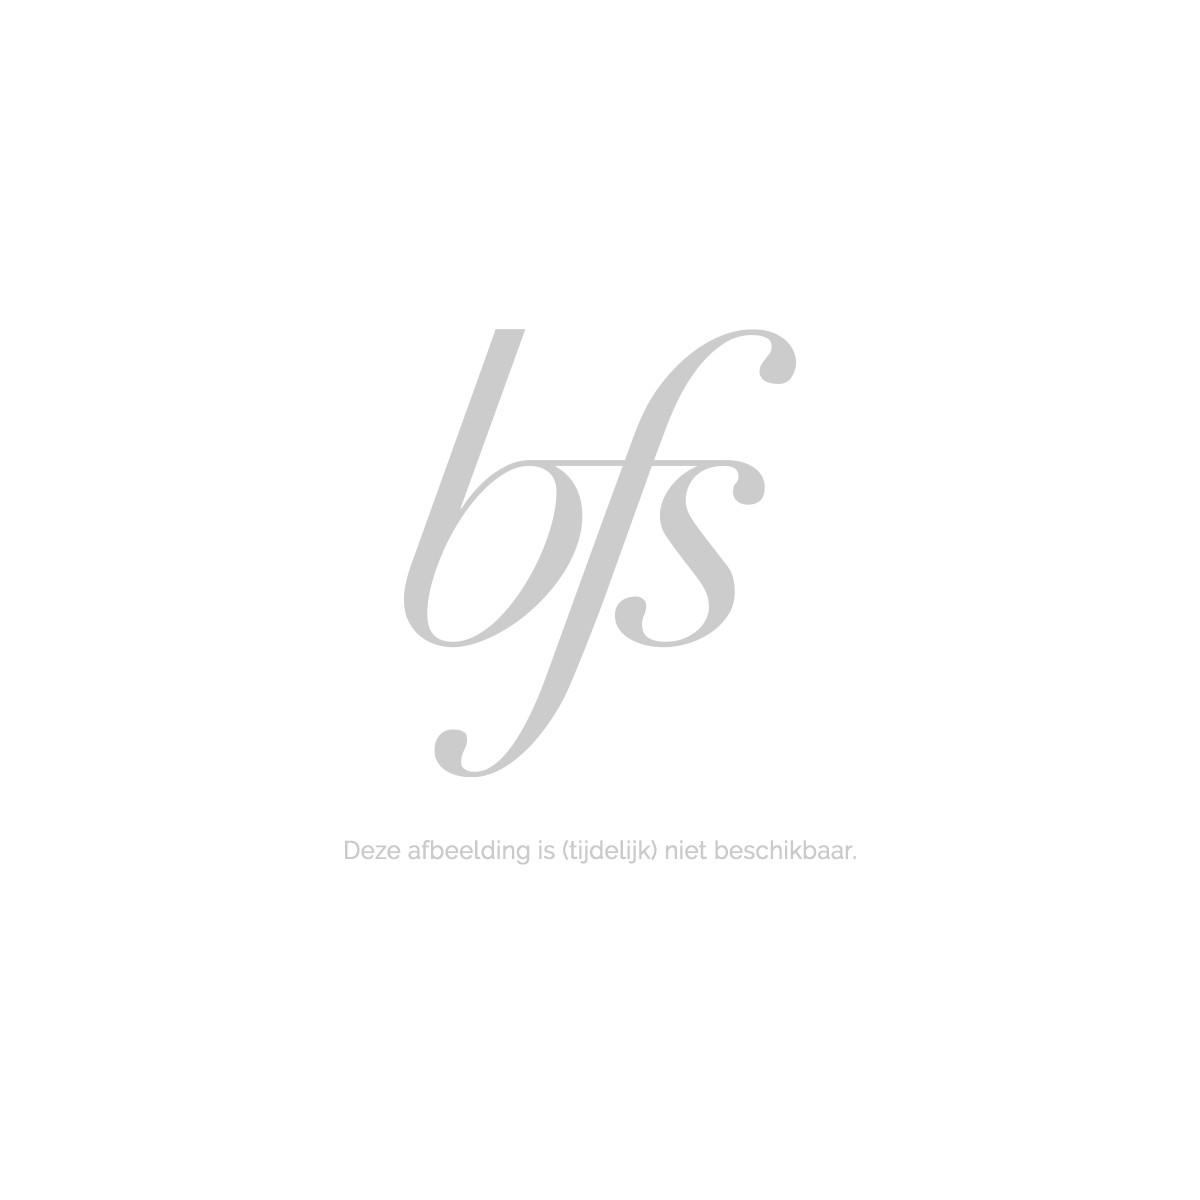 Beardburys Kleurshampoo 5N Voor Haar, Baard En Snor 75 Ml